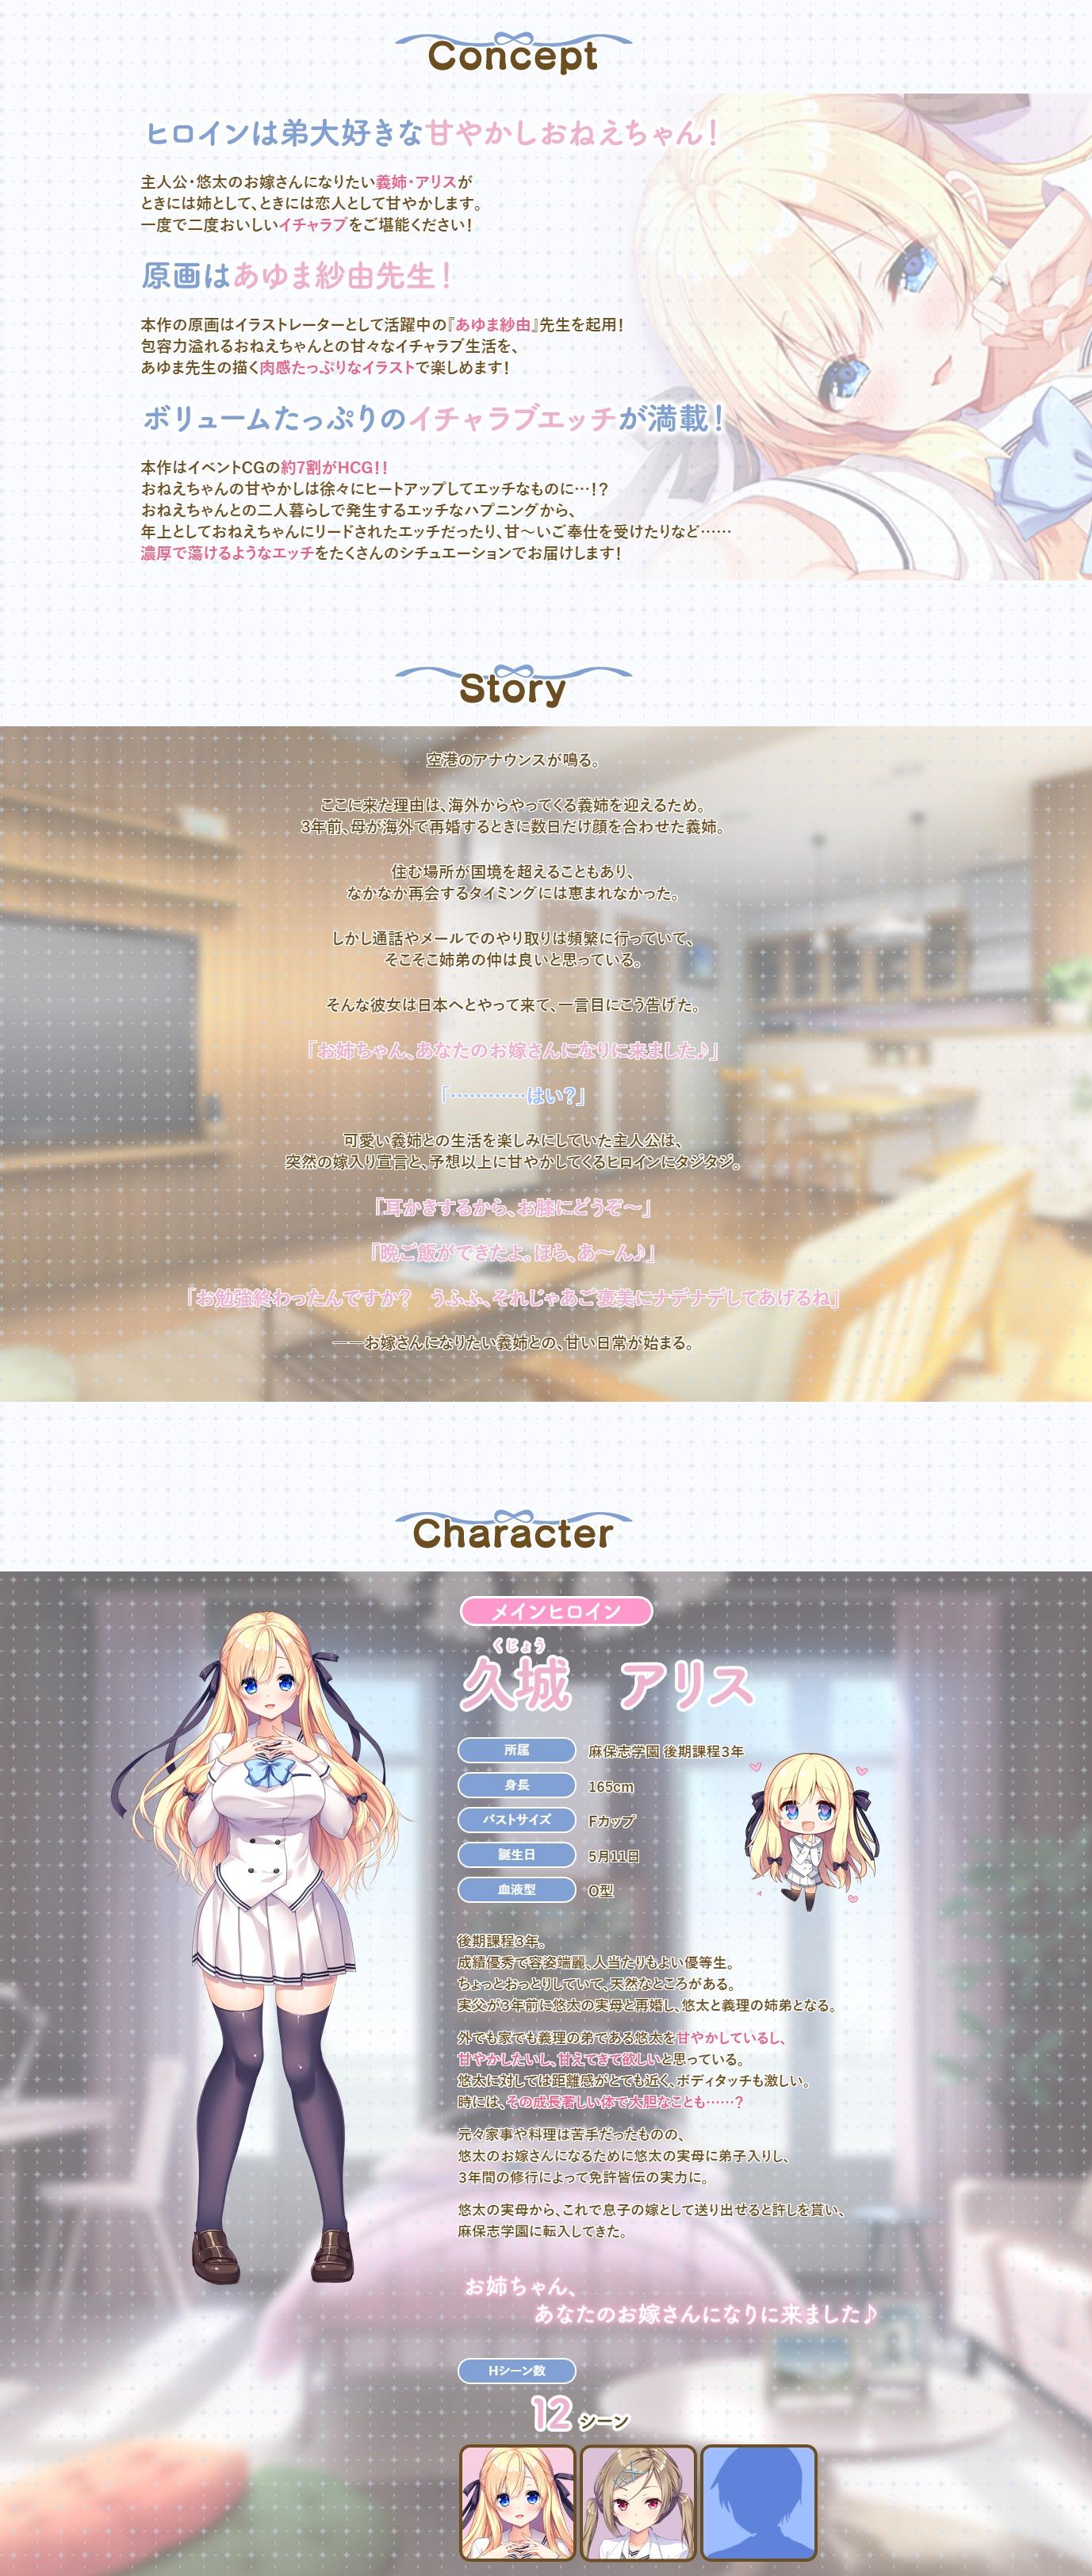 『アマアネ My Sweet Sister 』オフィシャルサイト Campus 15th Project_q1